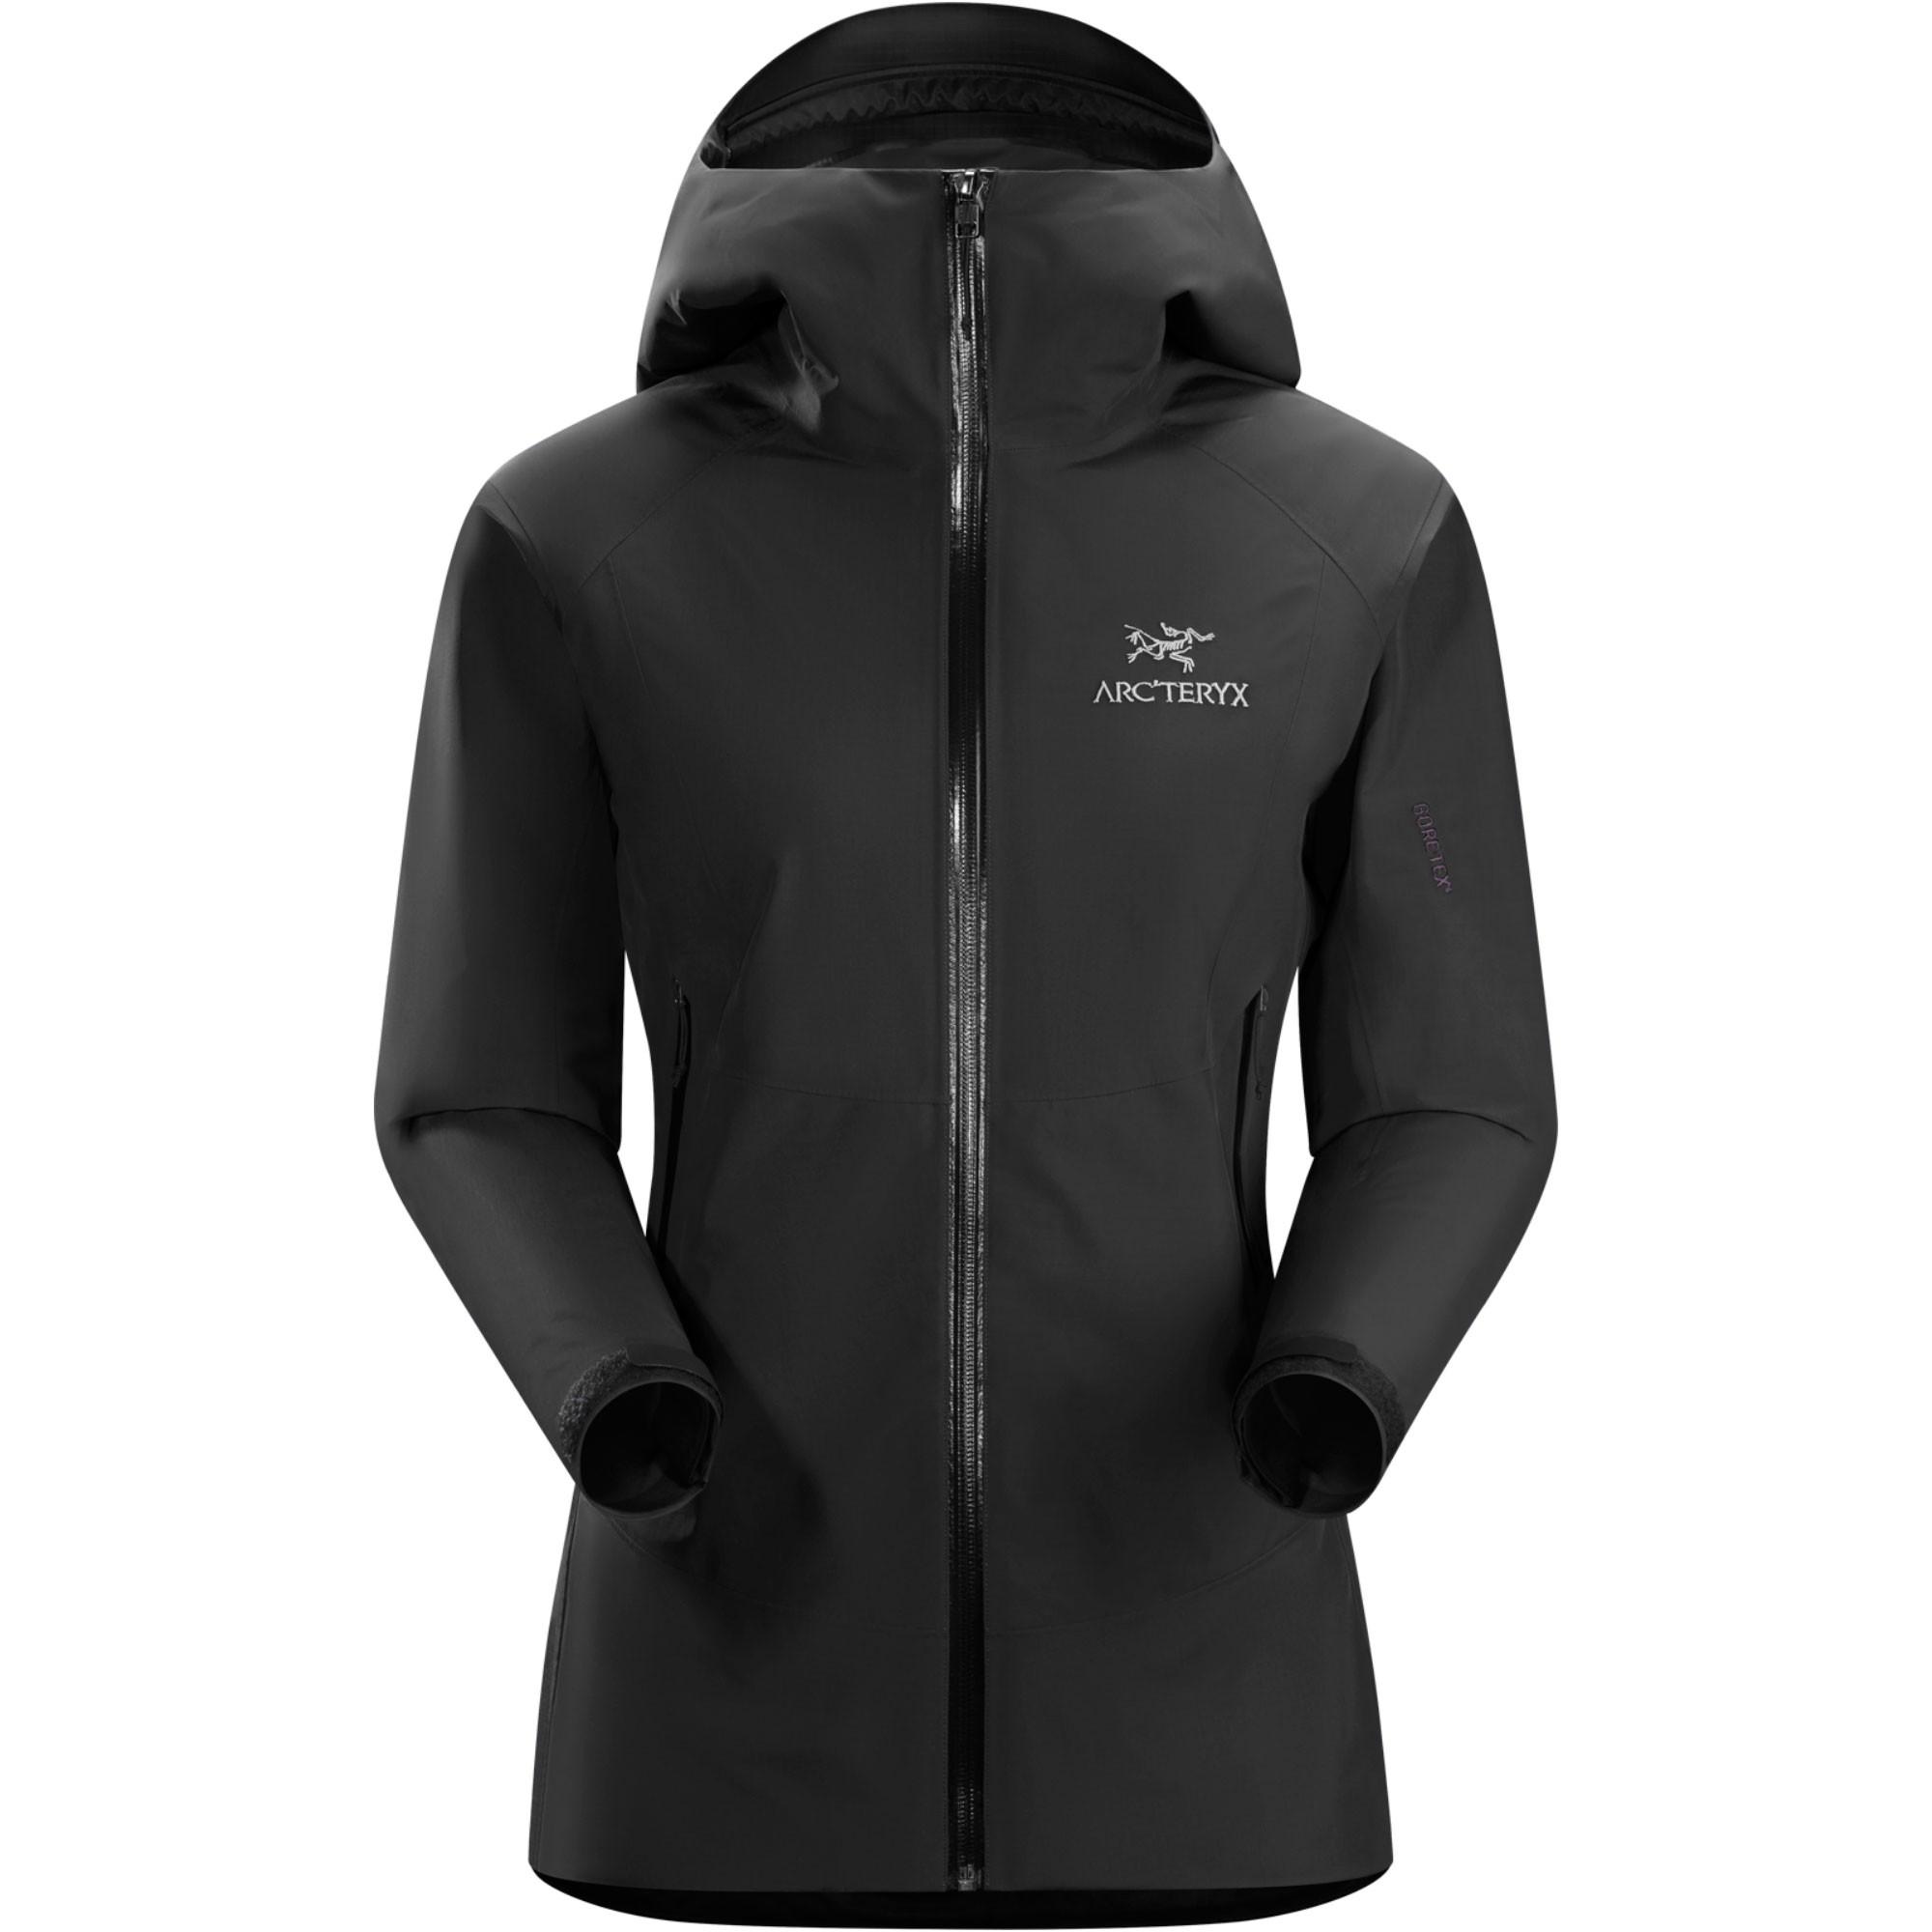 ARCTERYX - Women's Beta SL Jacket